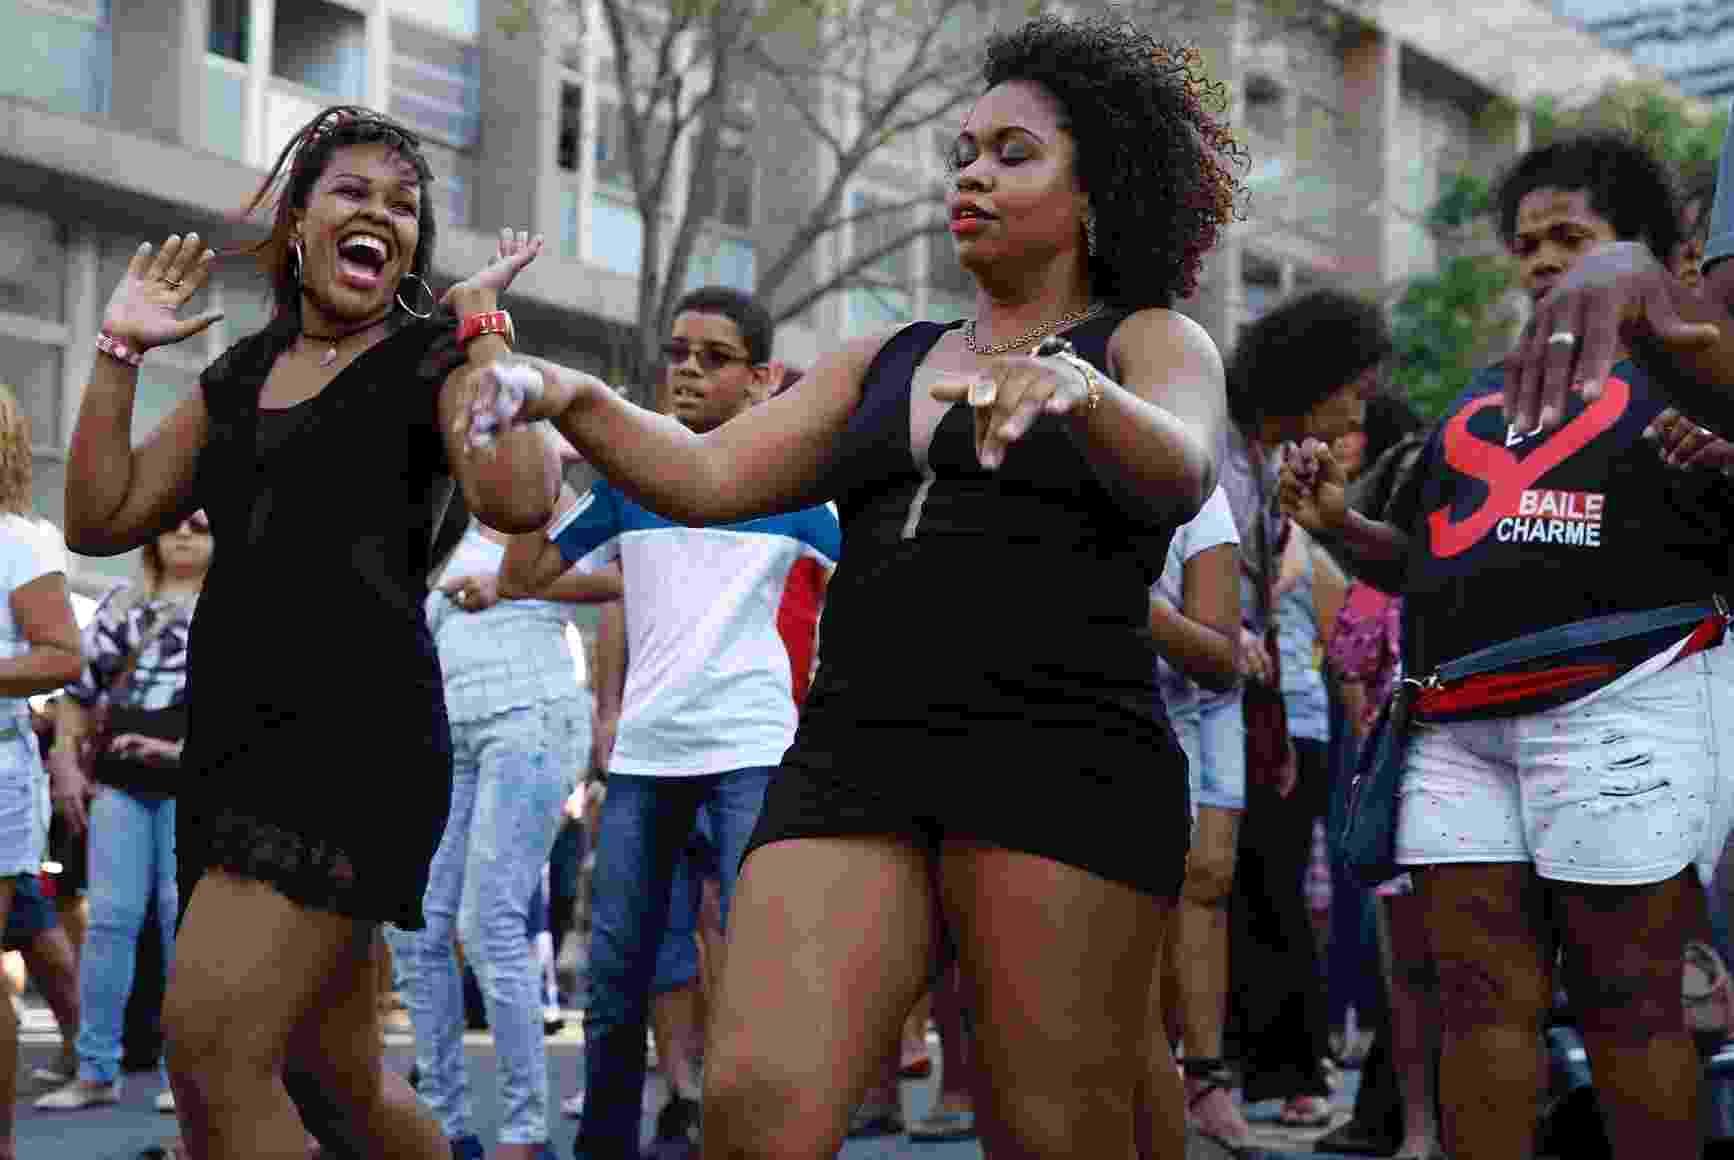 29.ago.2015 - Na tarde deste sábado o Tribunal de Justiça do Rio promove um baile charme em frente a sede no centro da cidade. - Marcos Pinto/UOL